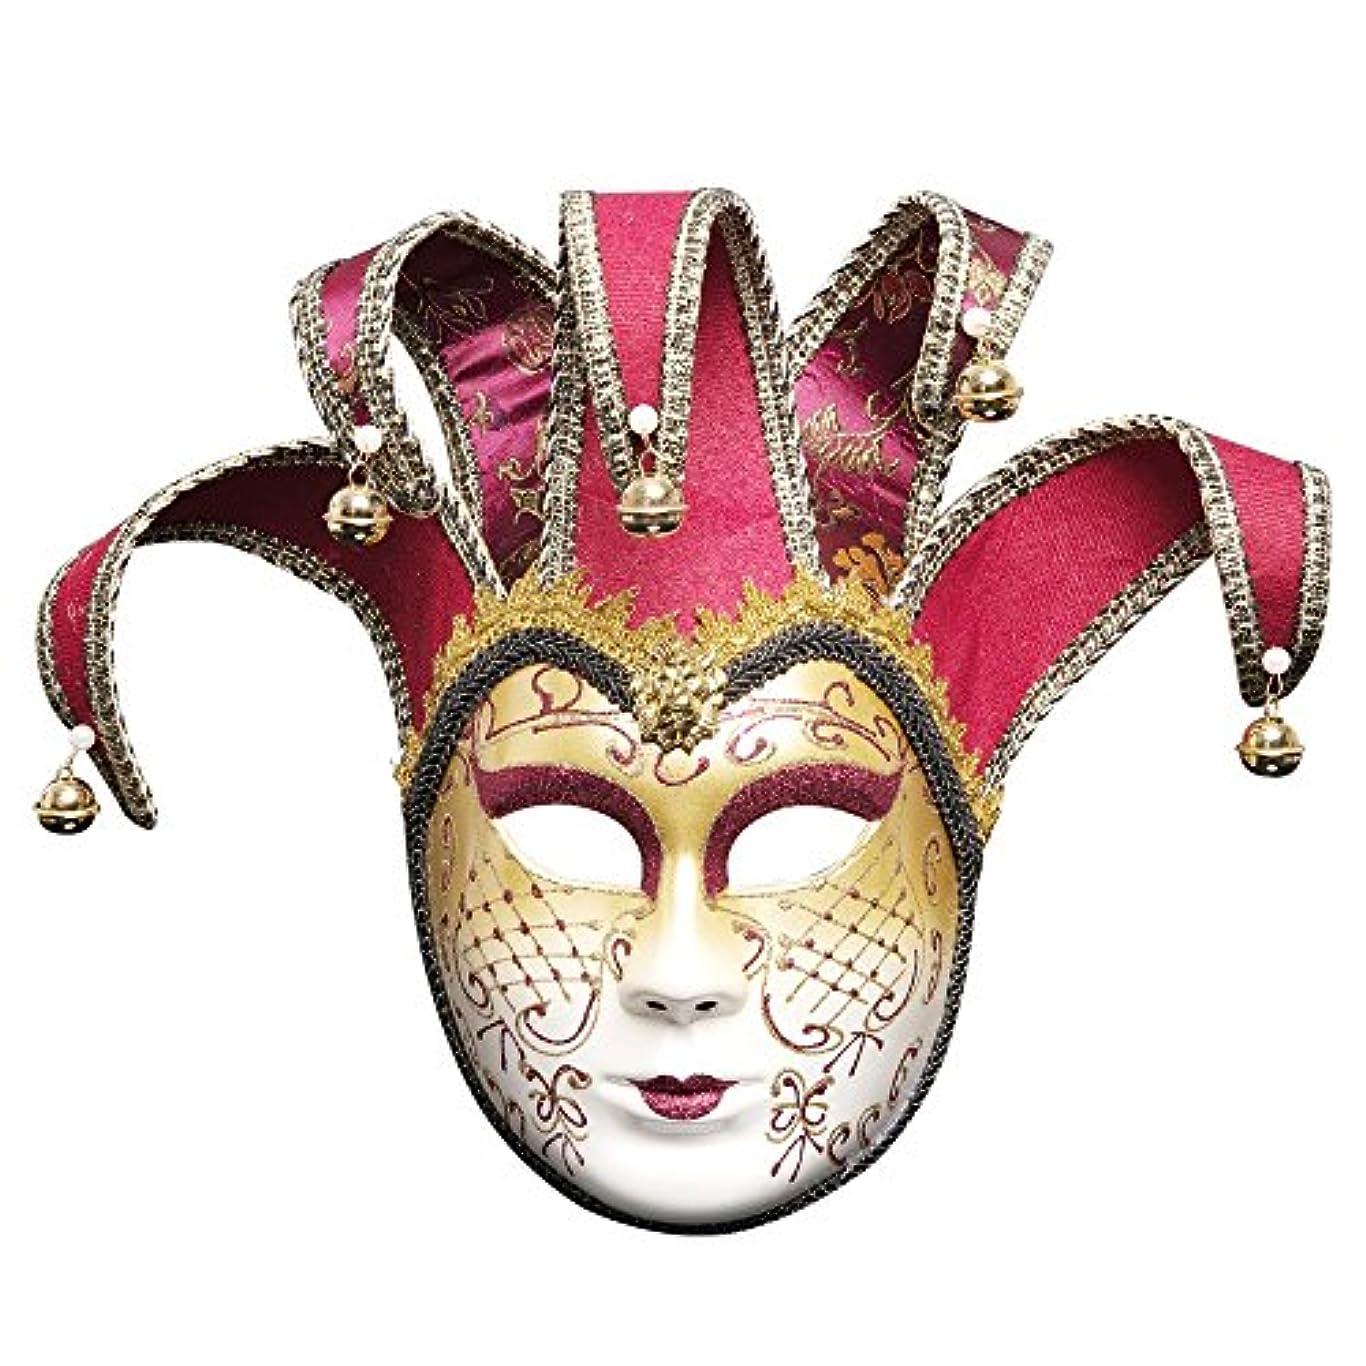 フレアフェンスキネマティクスハロウィンボールパーティーマスククリスマスクリエイティブ新しいフルフェイスメイクアップマスク (Color : A)